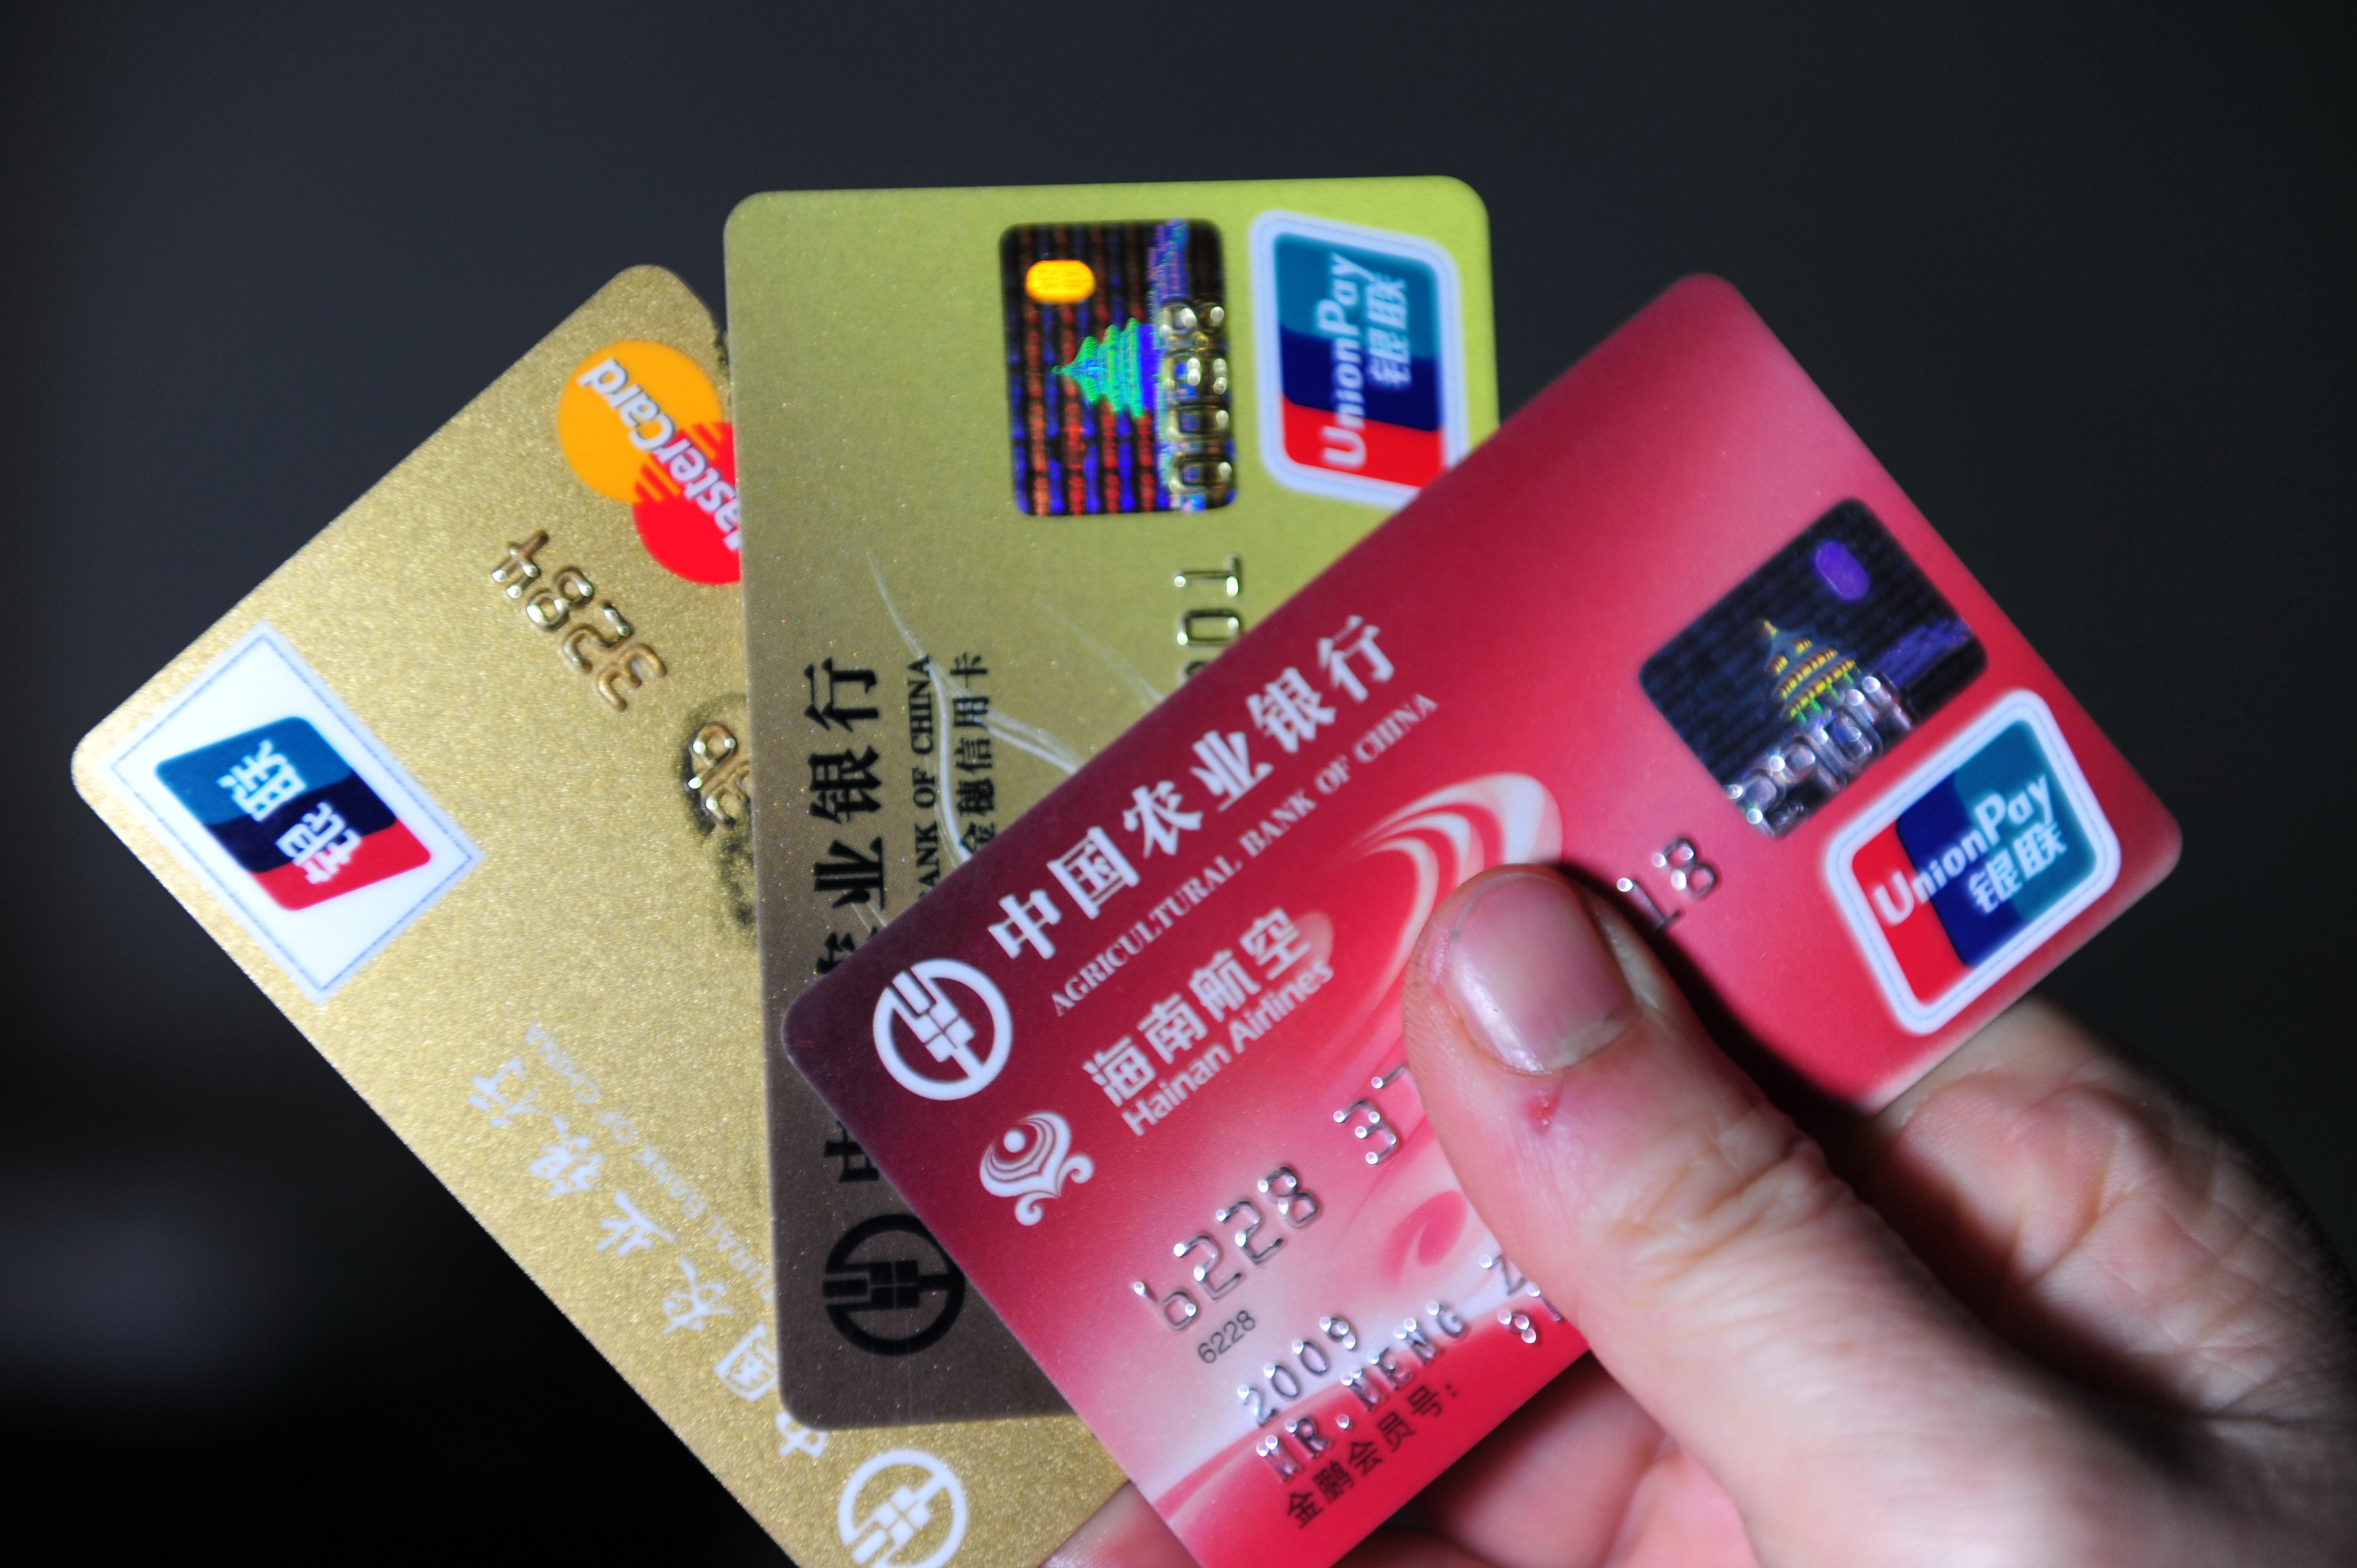 一张除了额度高,其他毫无优点的信用卡可以网申了,你要入手吗?